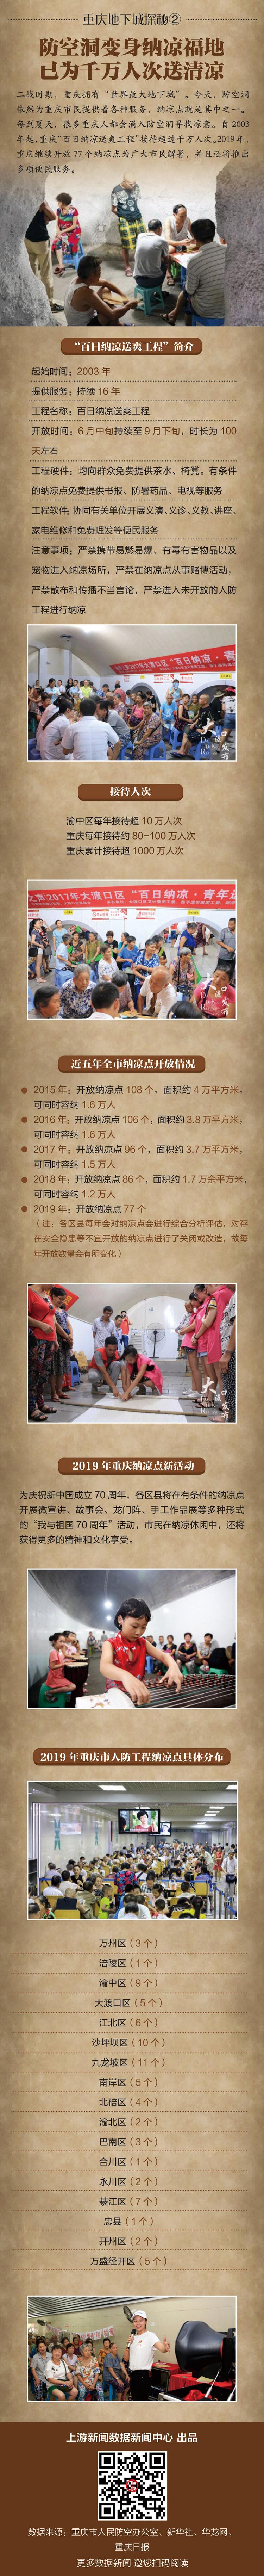 重庆地下城探秘② | 防空洞变身纳凉福地,已为千万人次送清凉